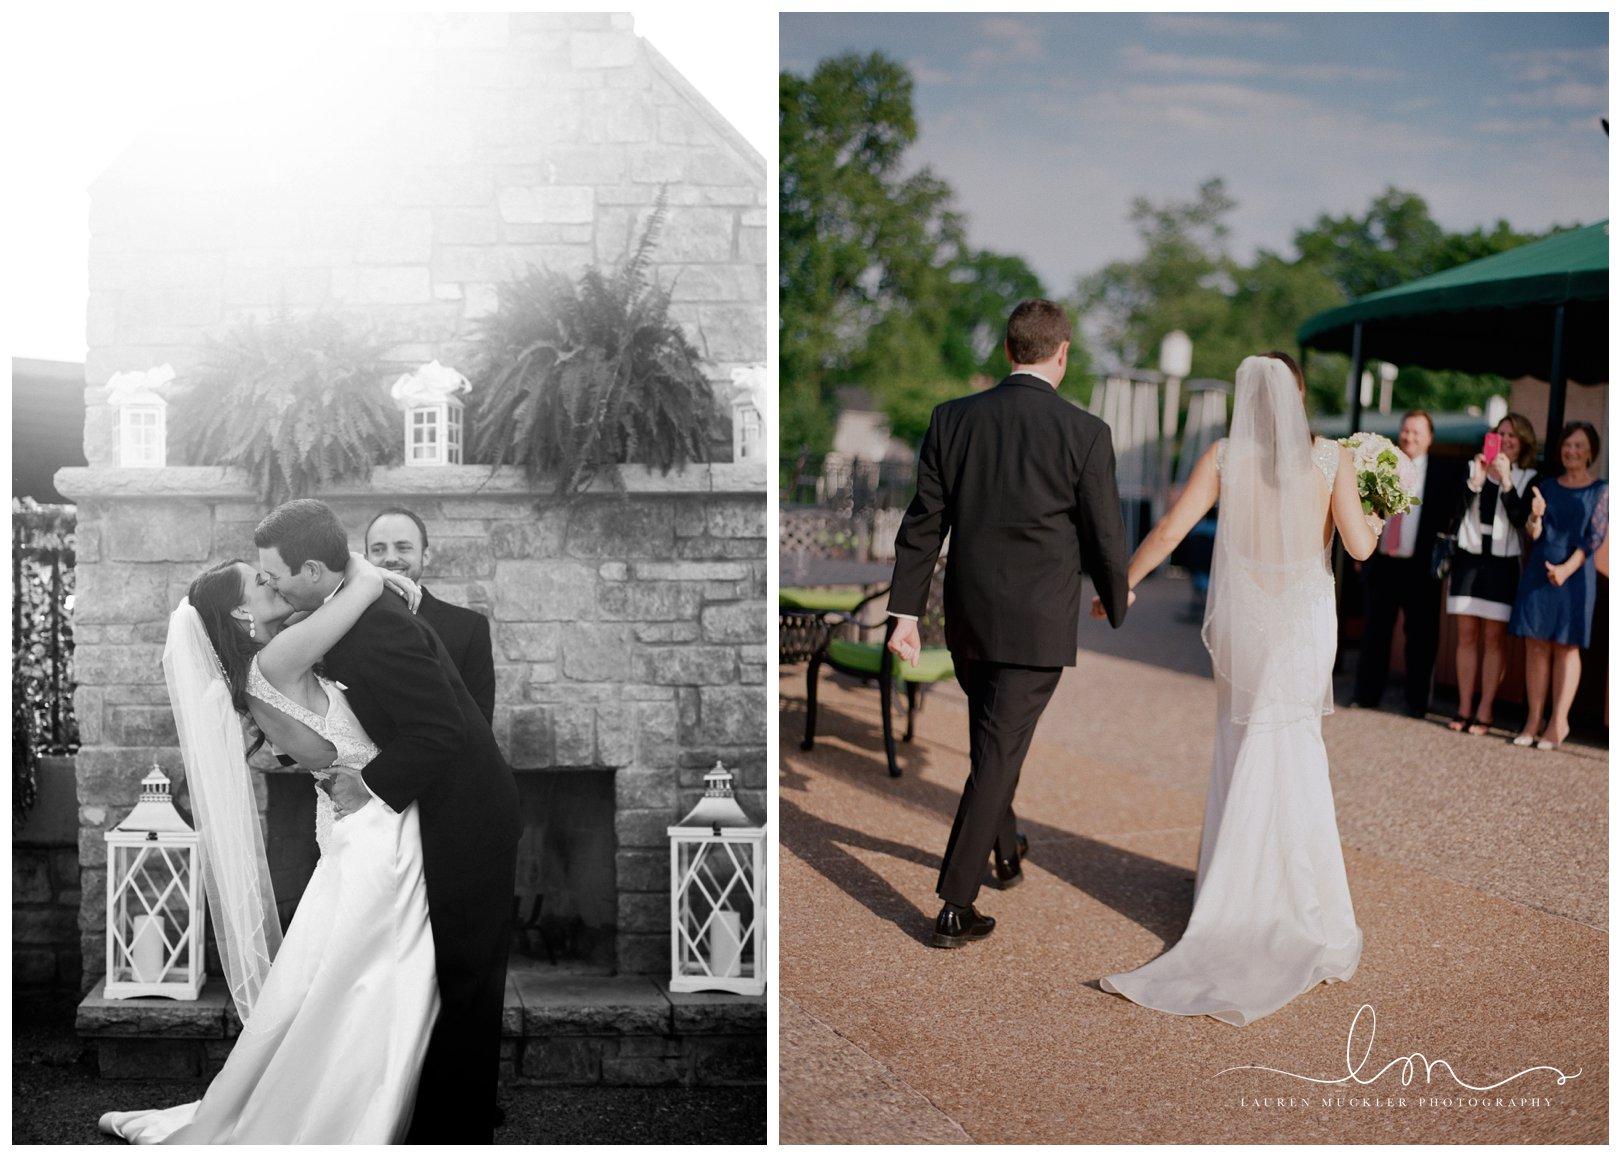 lauren muckler photography_fine art film wedding photography_st louis_photography_0243.jpg